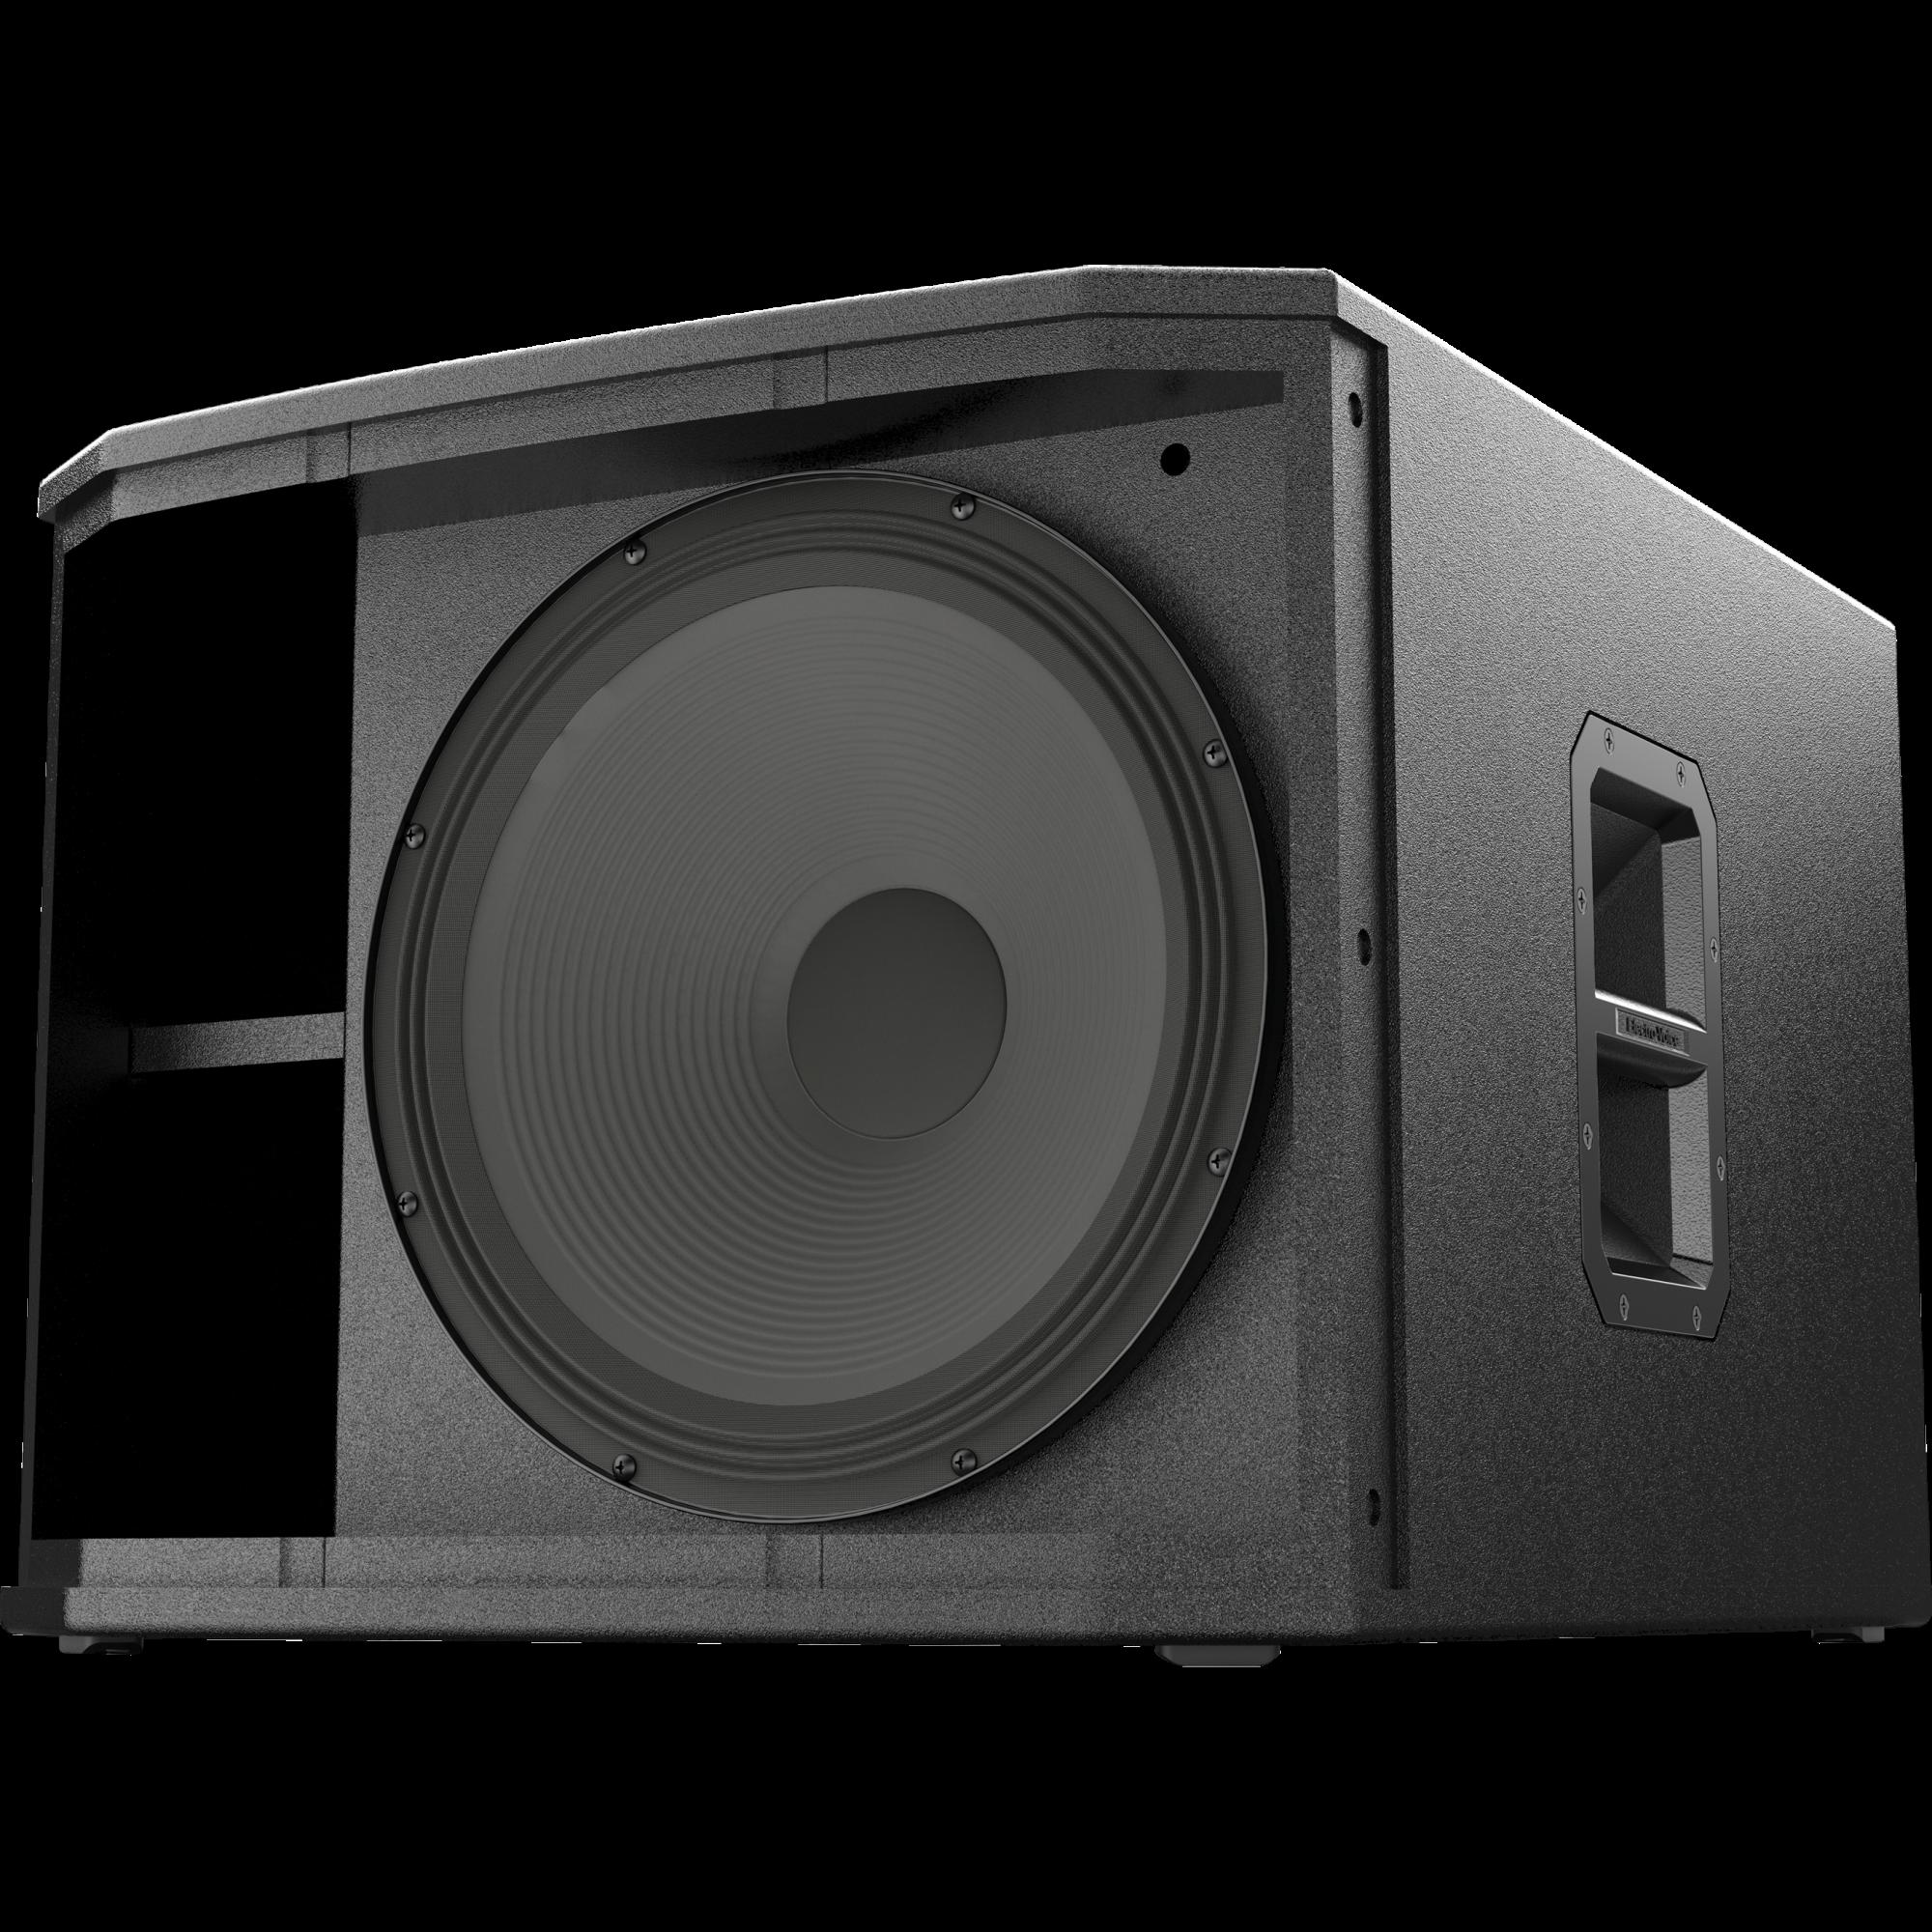 electro voice etx 15sp aktiv subwoofer k b billigt her. Black Bedroom Furniture Sets. Home Design Ideas